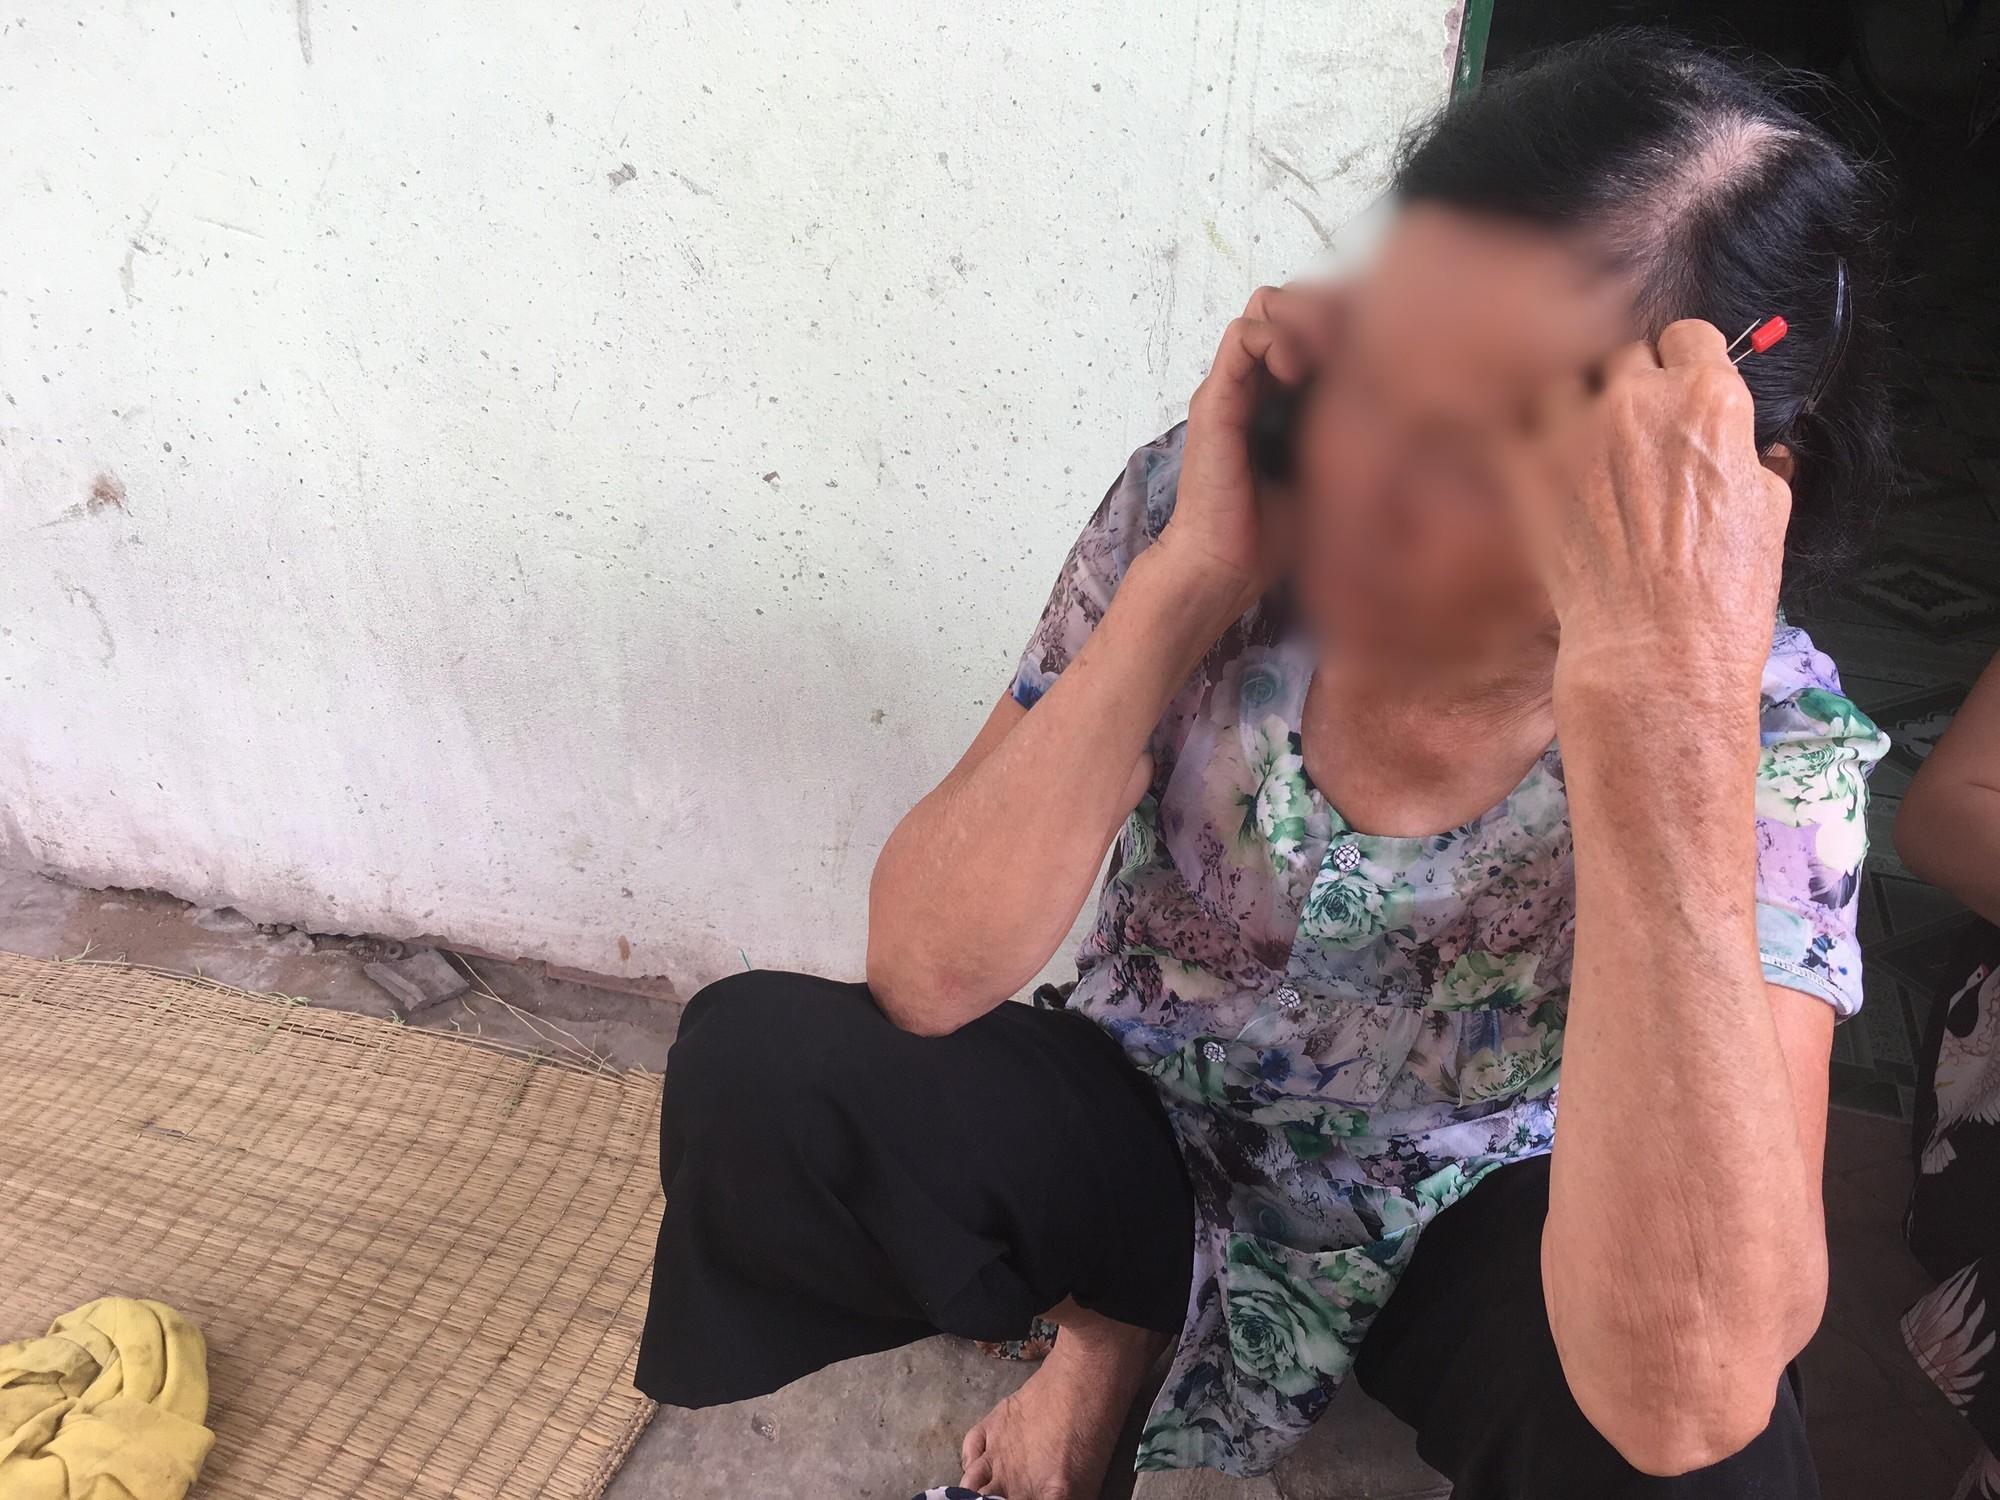 Bà nội bé gái 10 tuổi nghi bị bố ruột hiếp dâm: Con bé sợ cả nhà bị bố nó giết nên nào dám kể cho ai nghe, tội nghiệp cháu tôi quá - Ảnh 1.